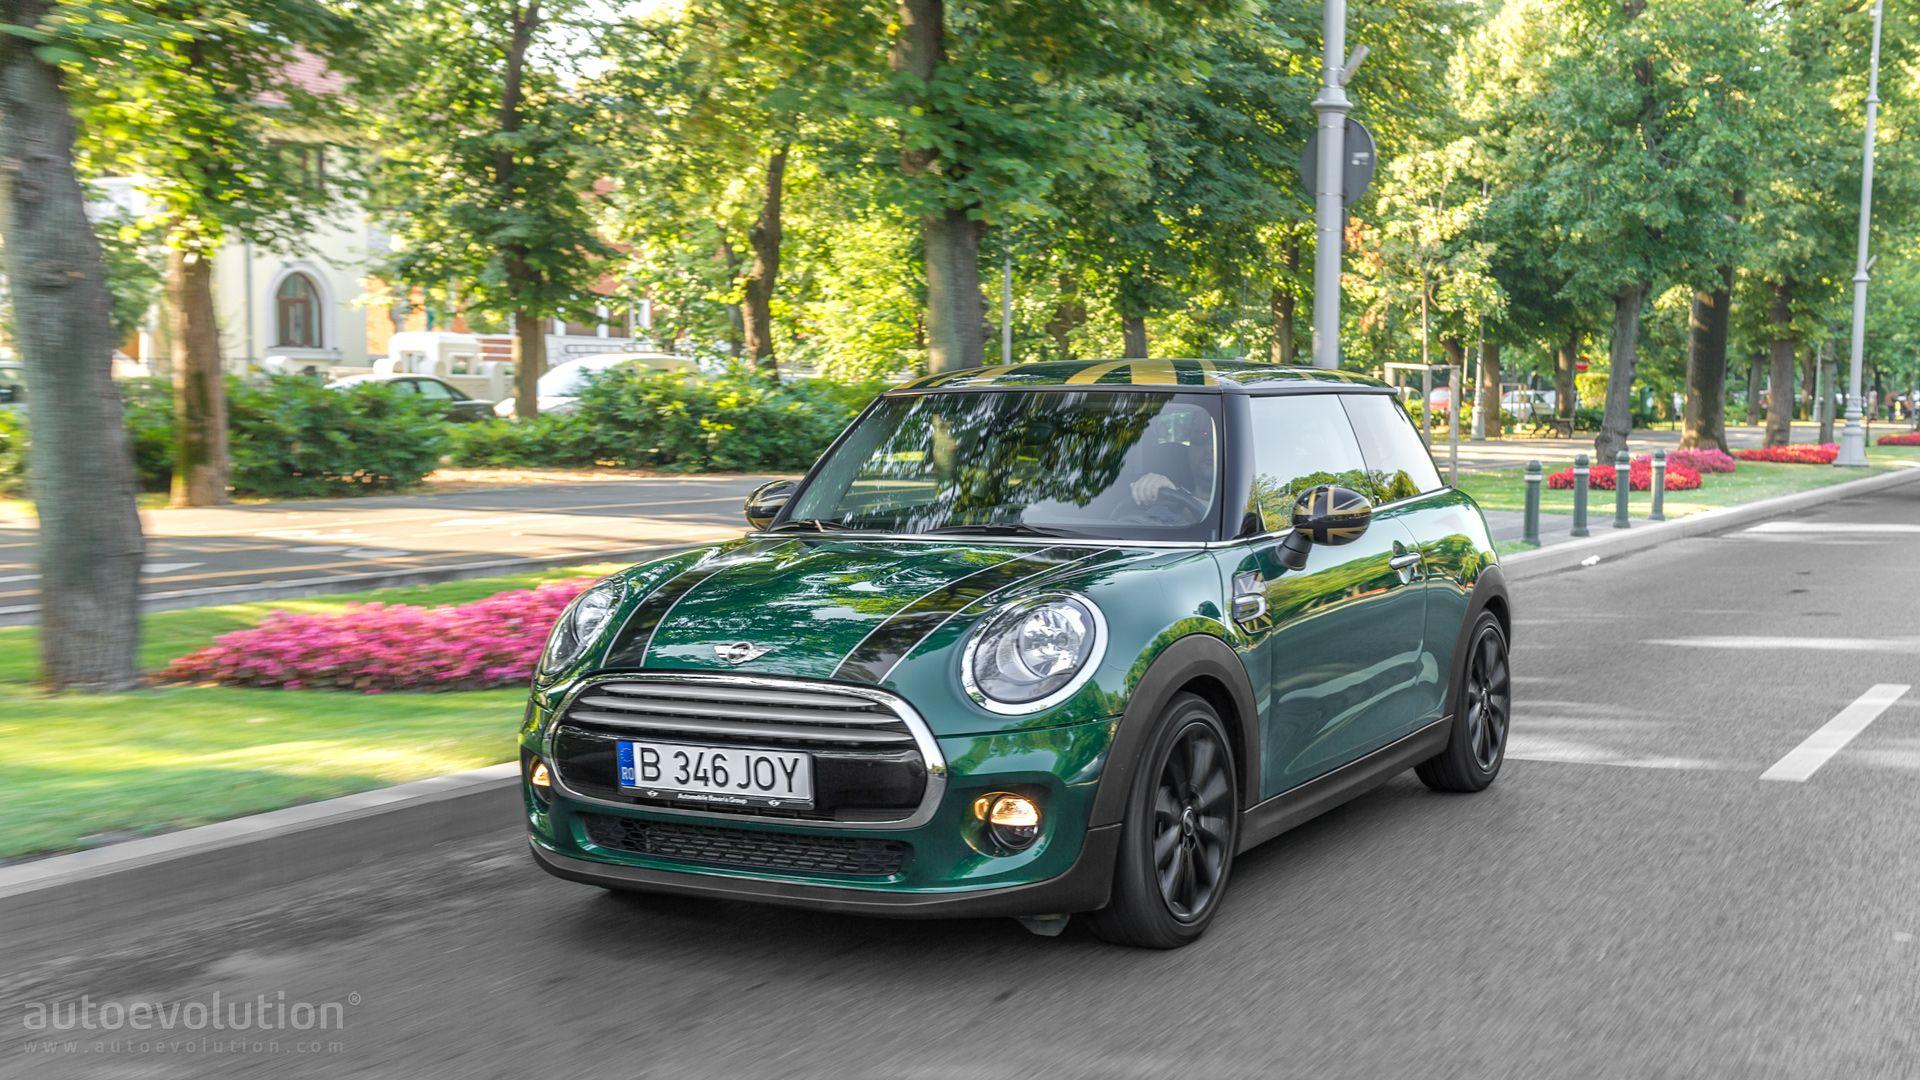 2015 Mini Cooper Tested A True Upgrade Autoevolution